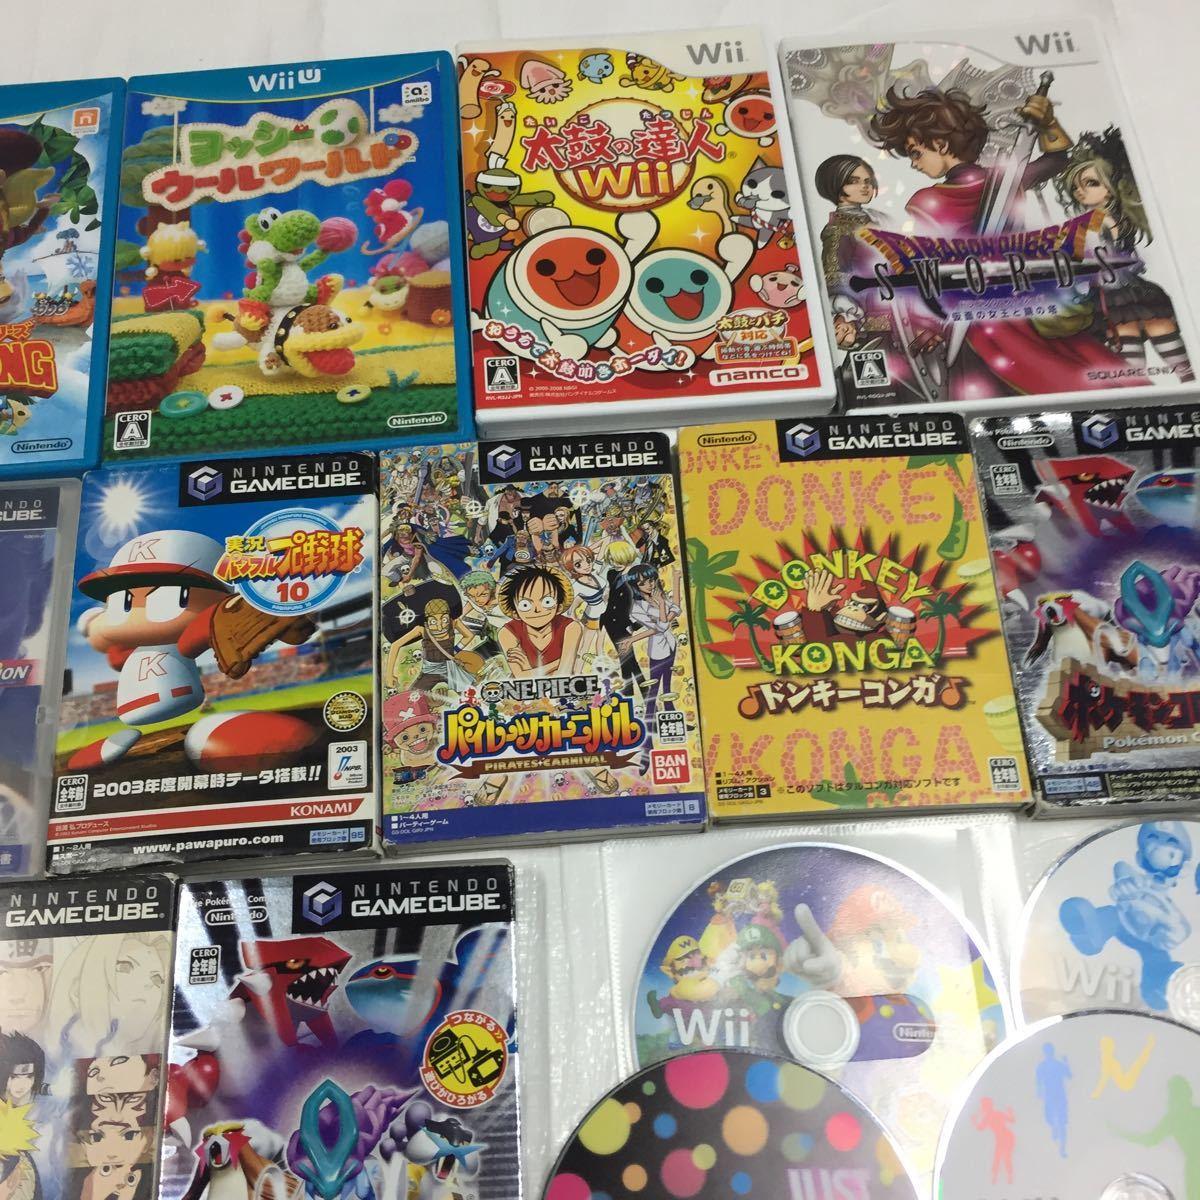 【ジャンク】Wii Wiiu ゲームボーイ ニンテンドー64 ゲームキューブ スイッチ ニンテンドーゲームソフトまとめ売り ソフト大量セット_画像3